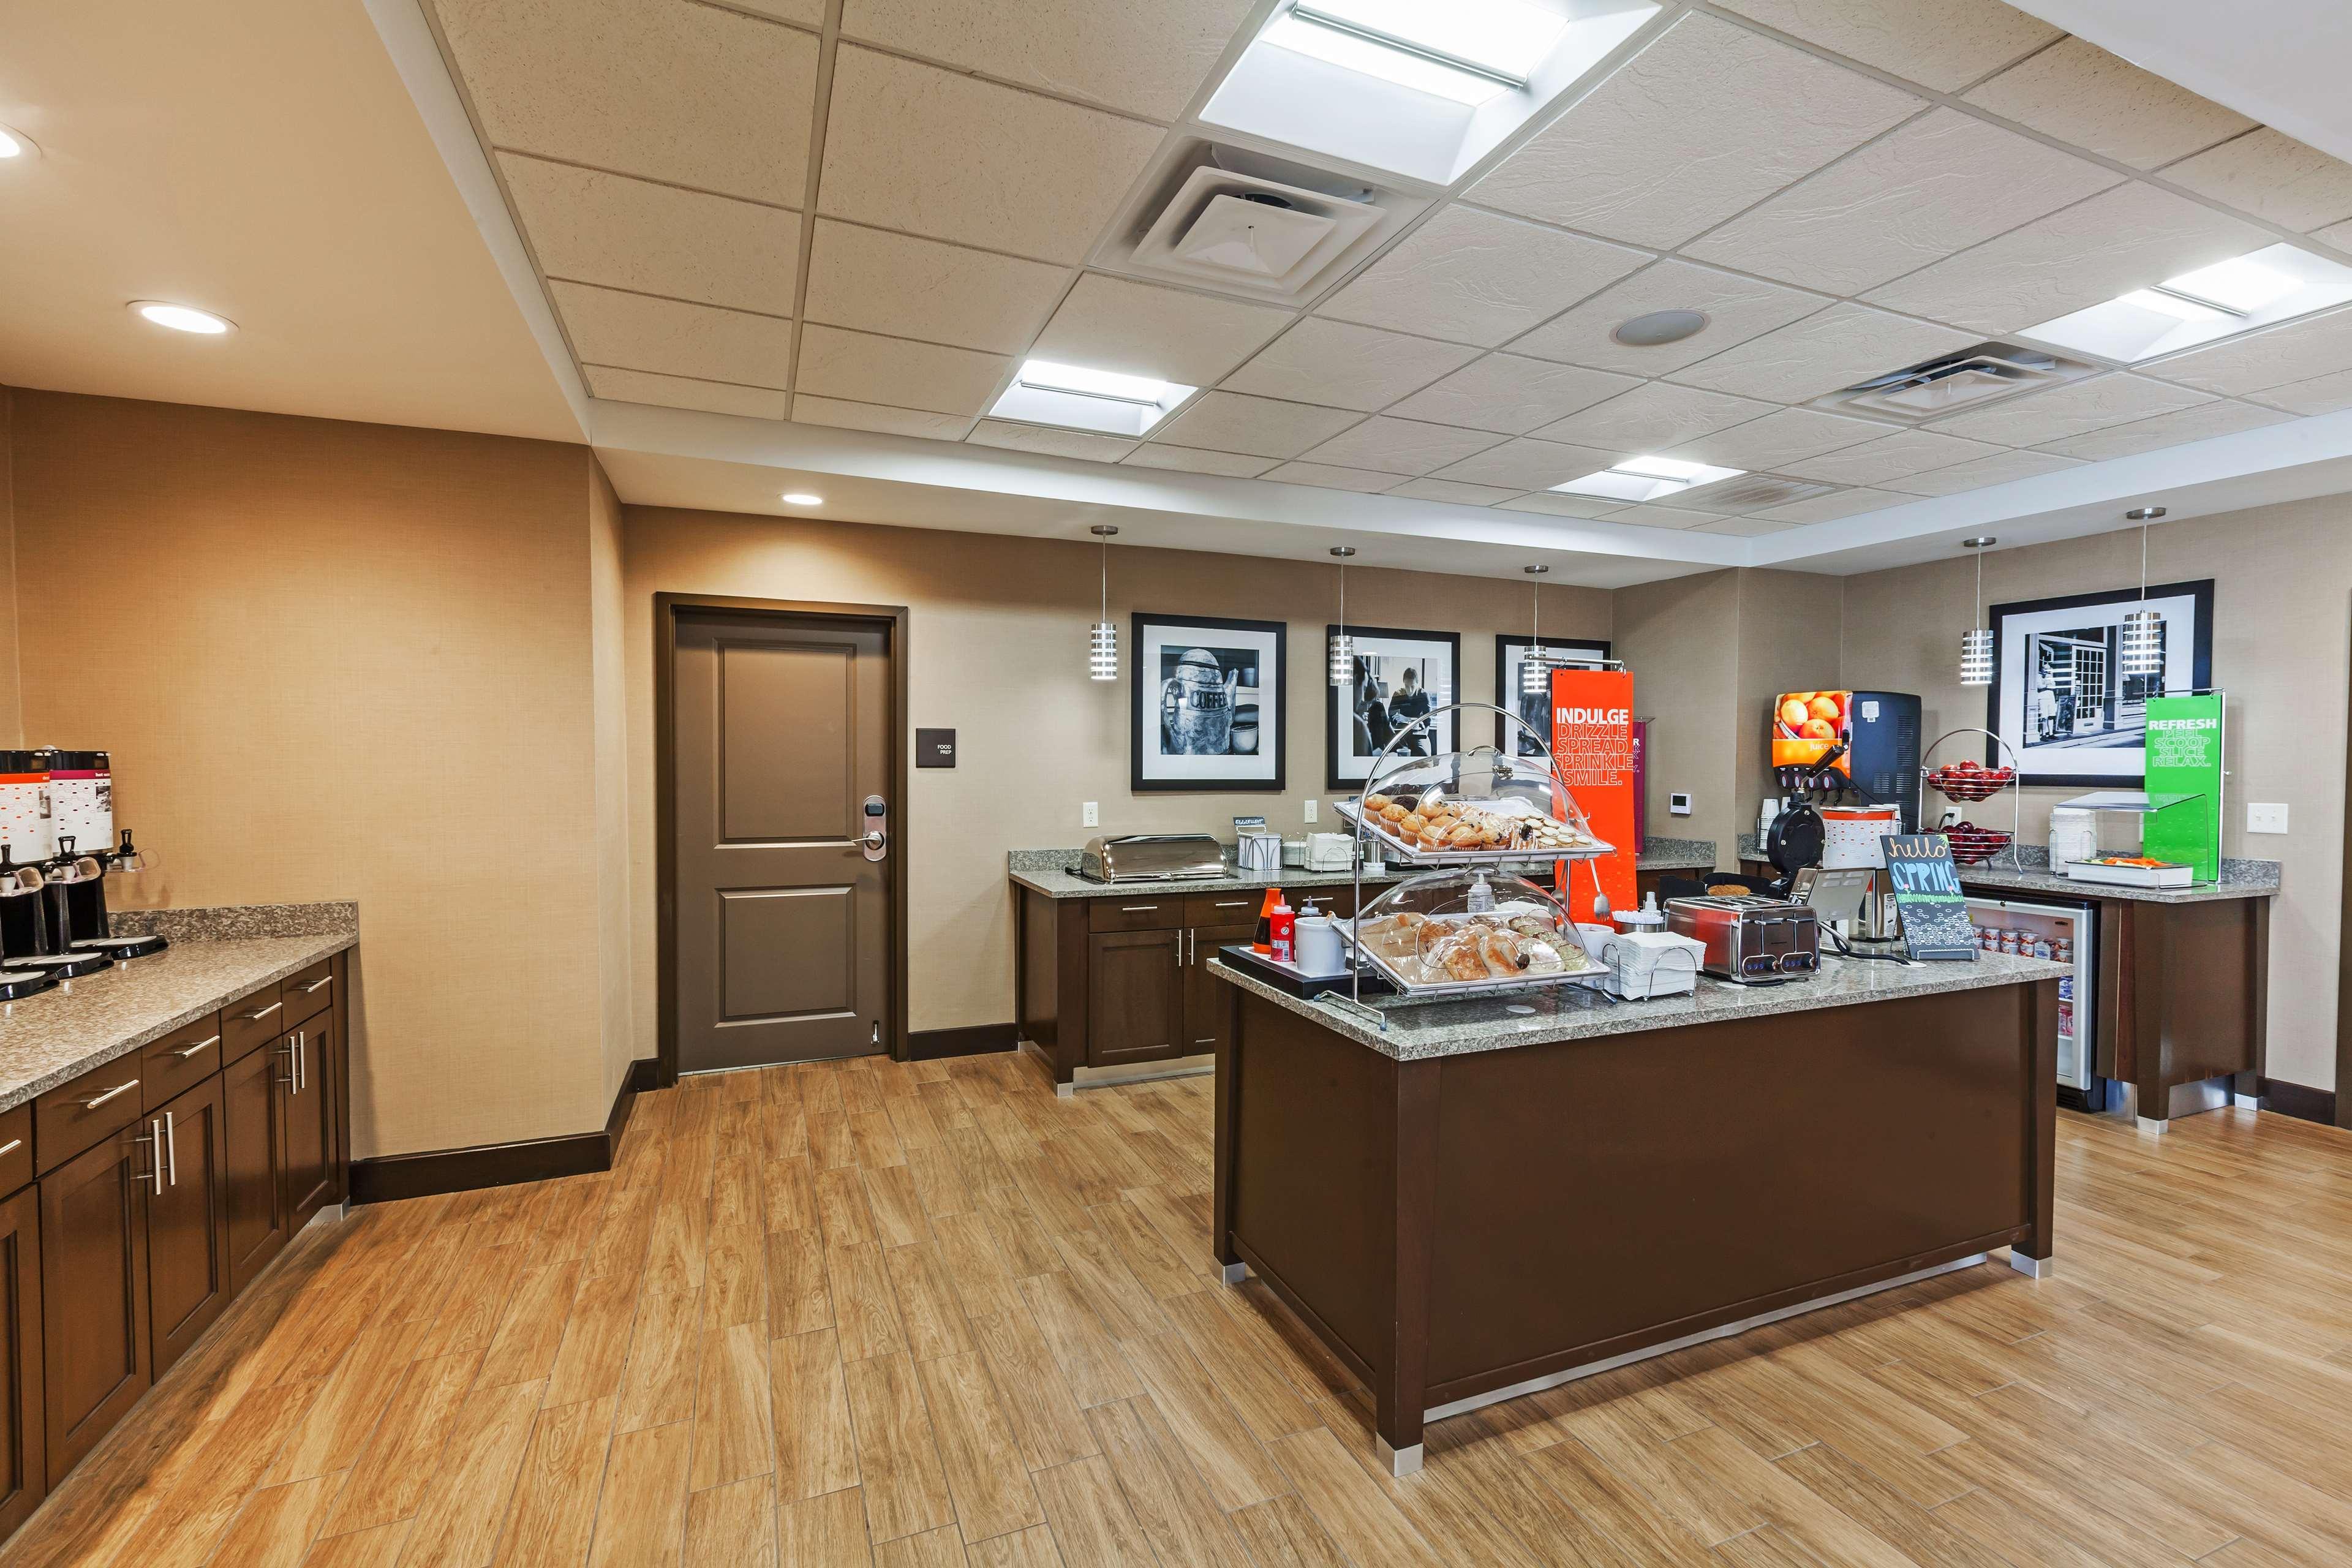 Hampton Inn & Suites Claremore image 10